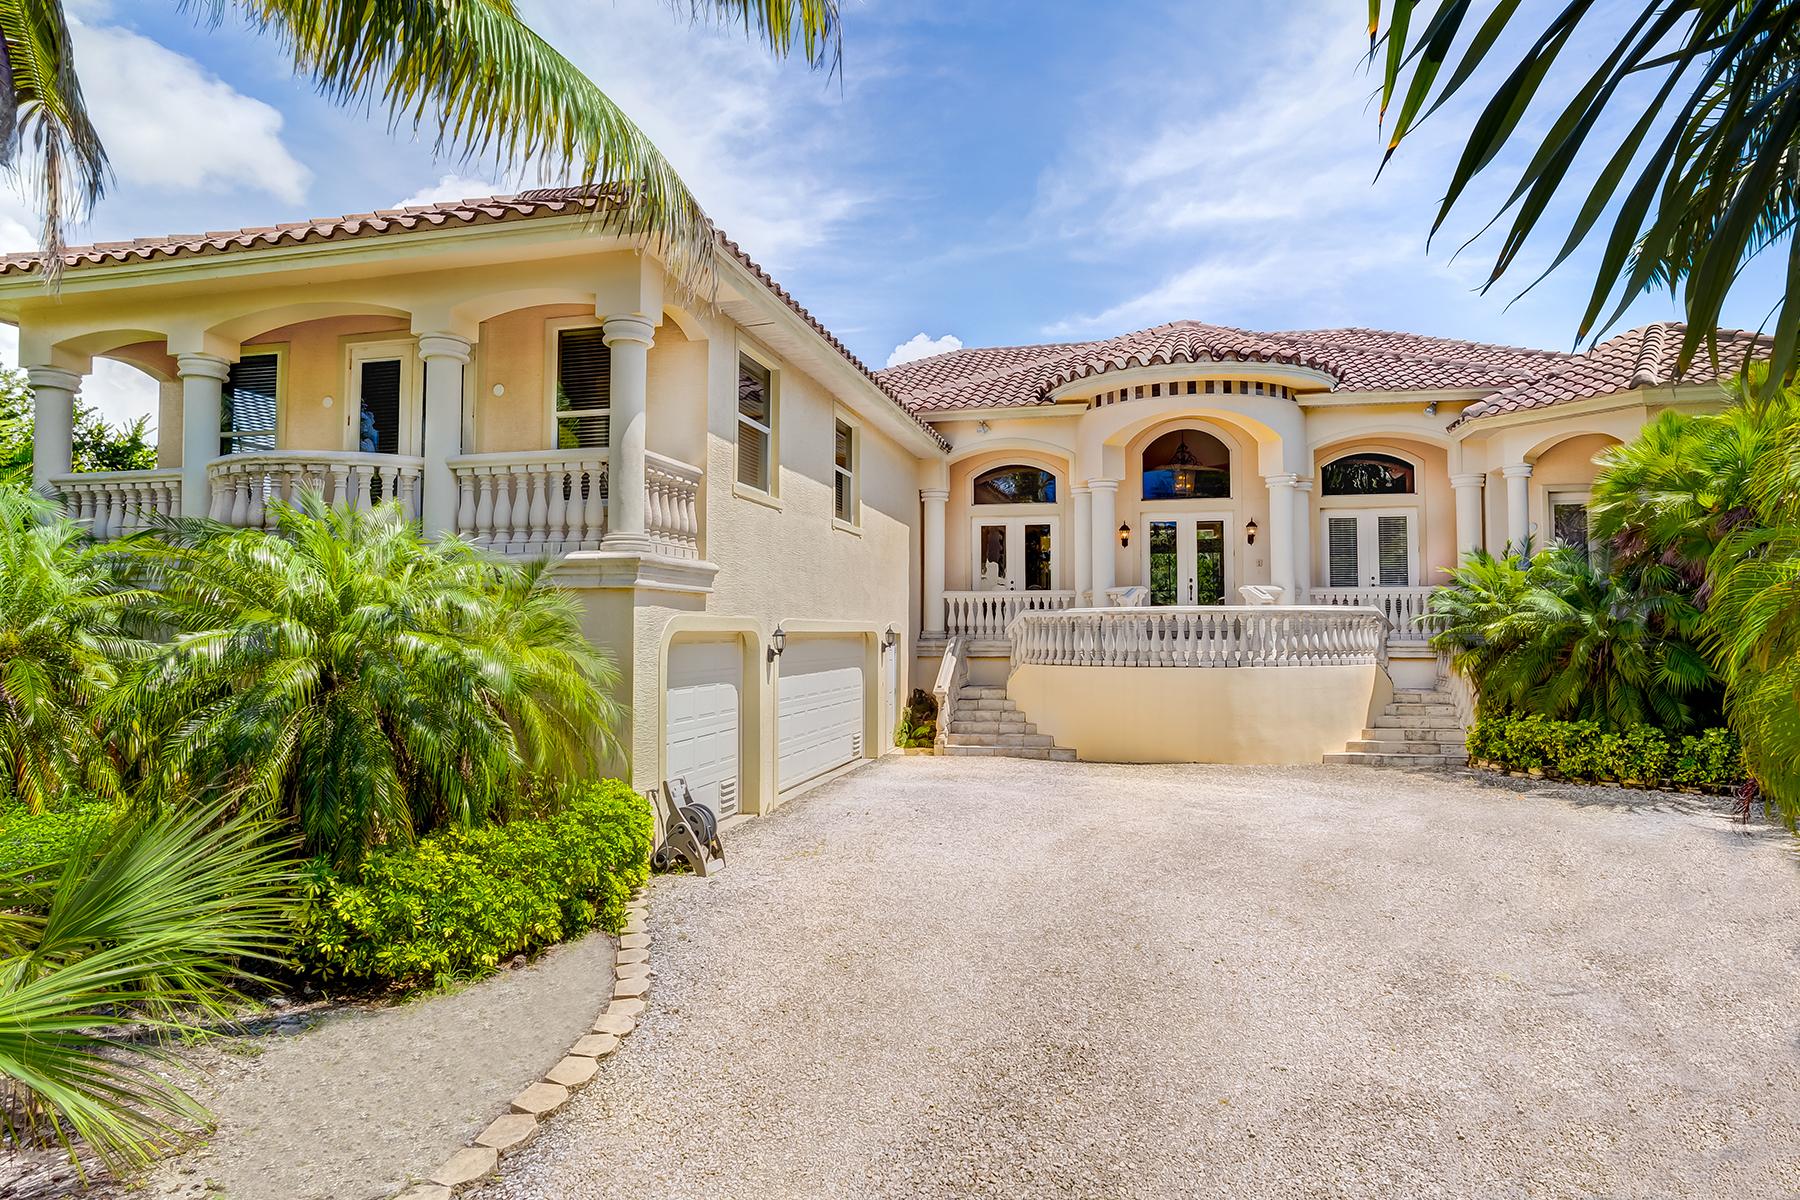 独户住宅 为 销售 在 SANIBEL 2118 Starfish Ln 撒你贝尔, 佛罗里达州, 33957 美国